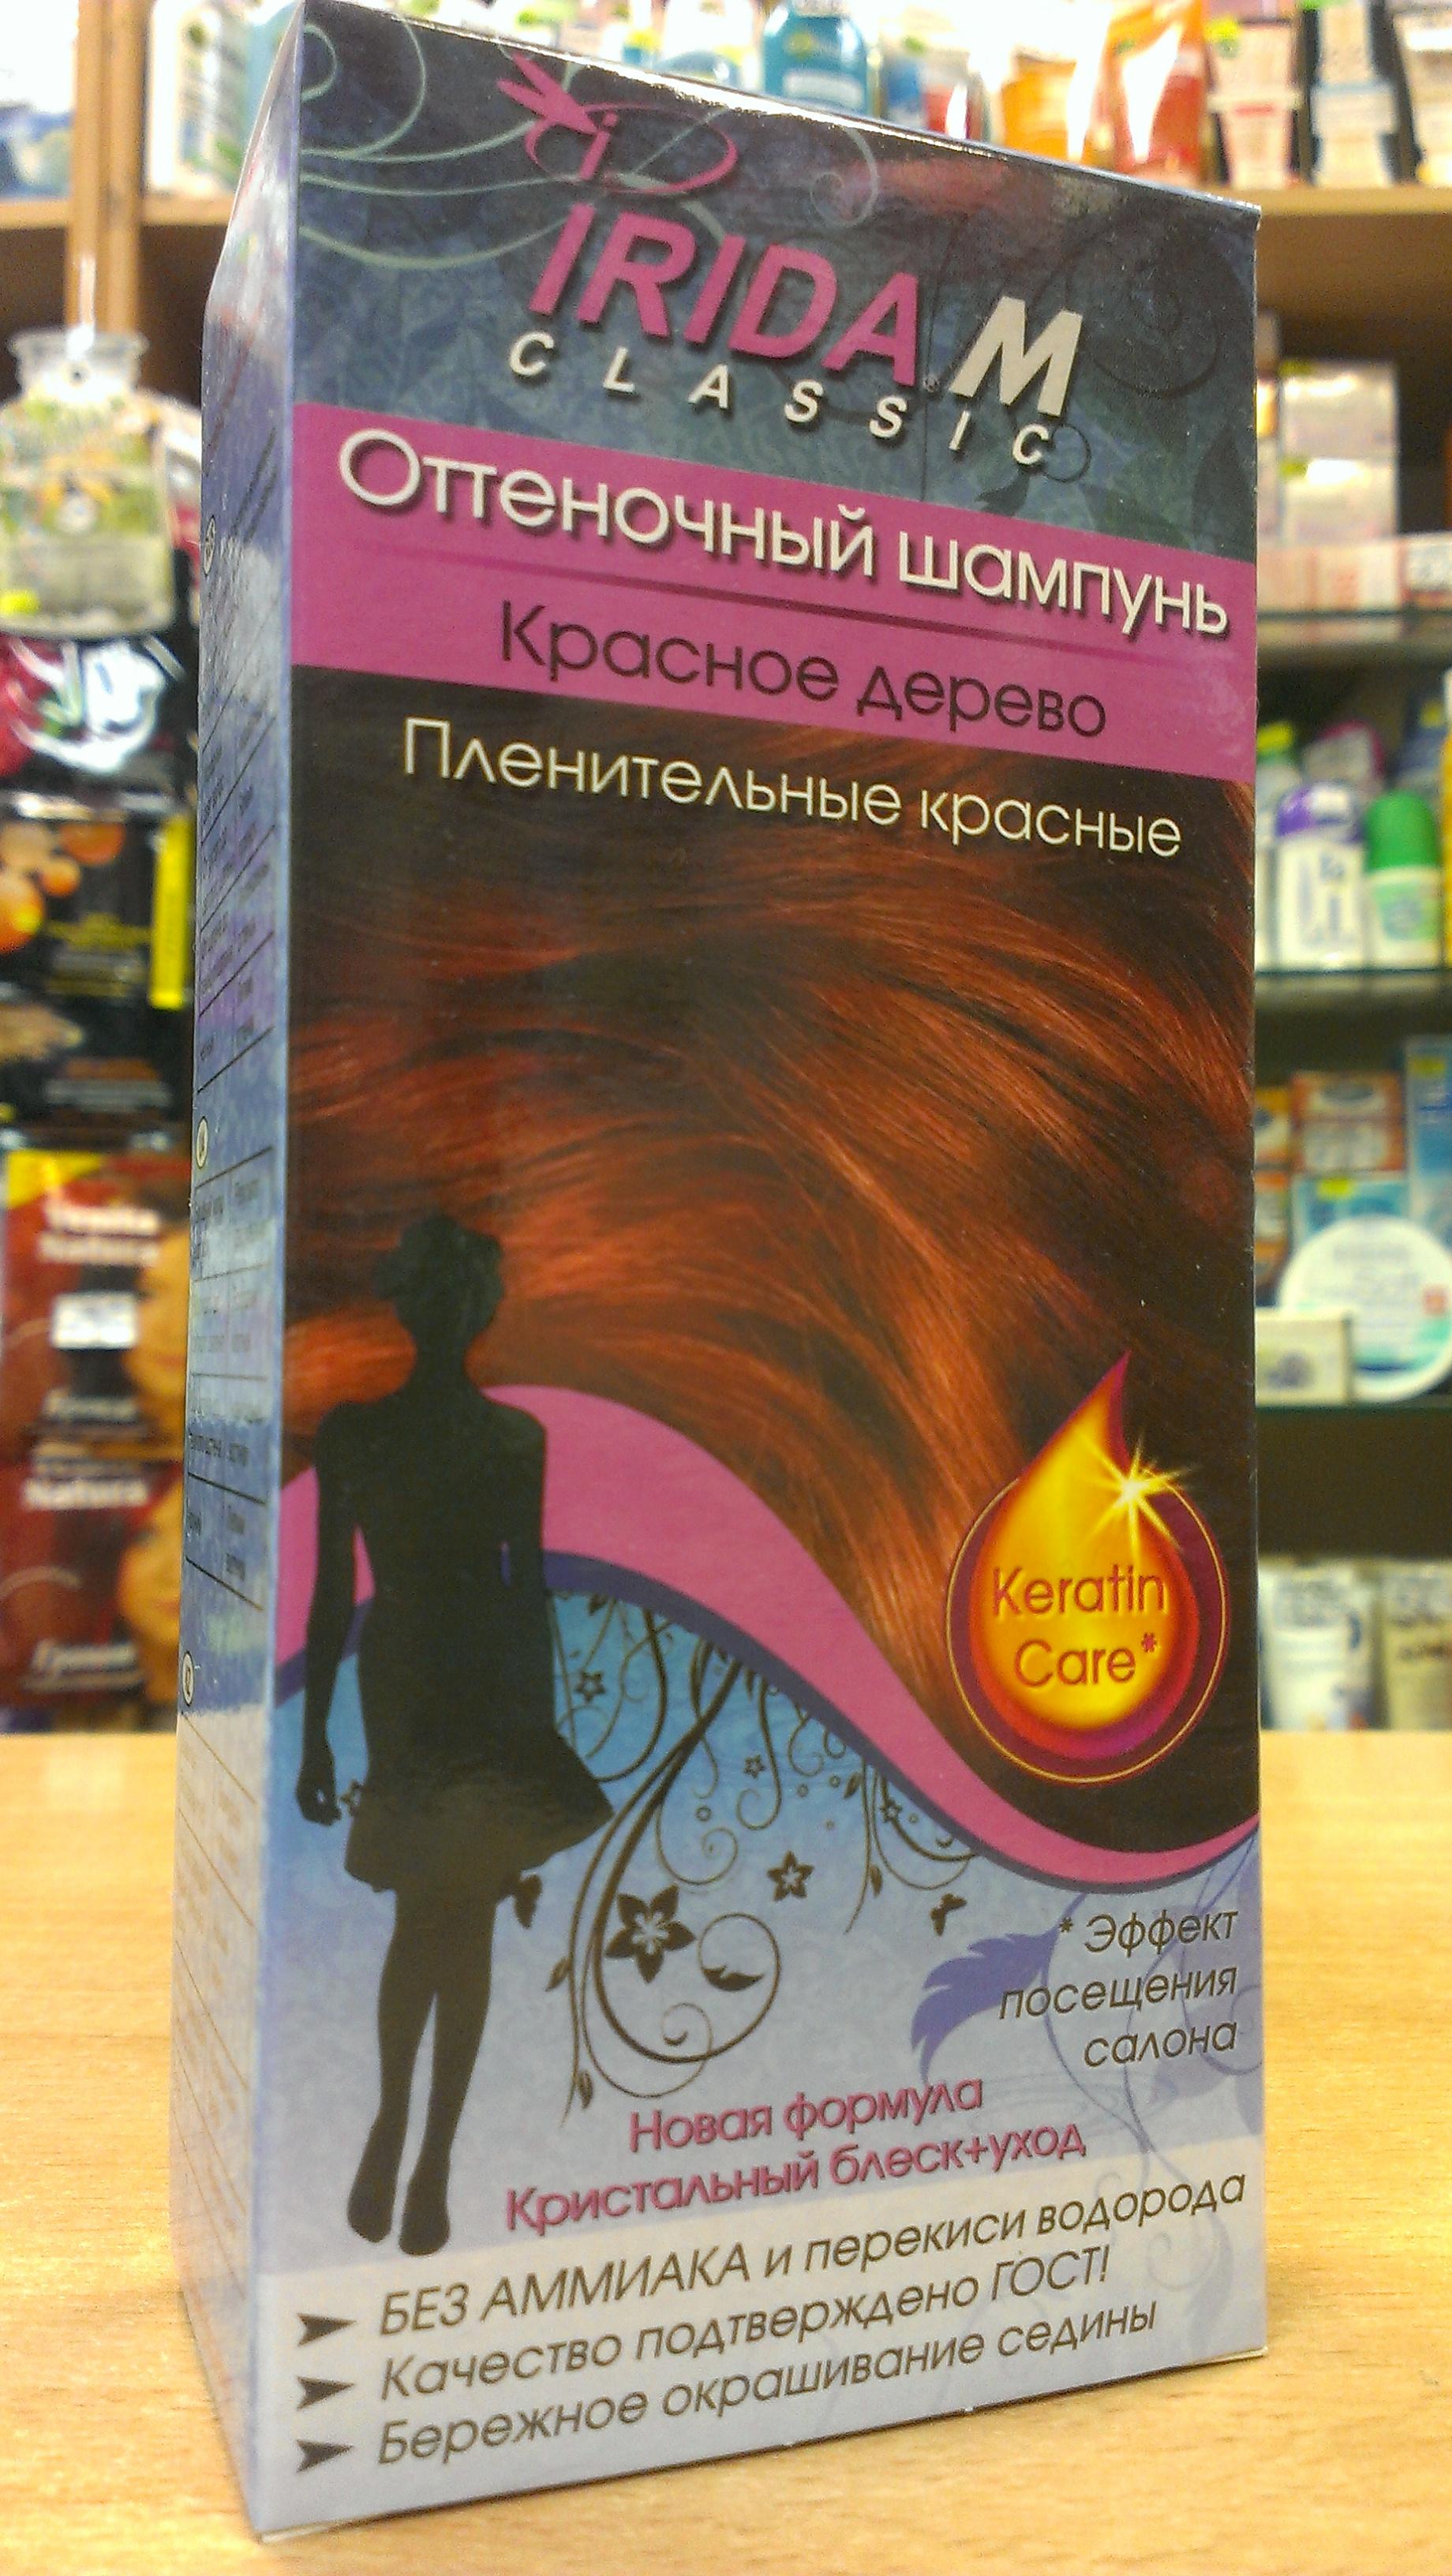 Оттеночный шампунь для шоколадных волос